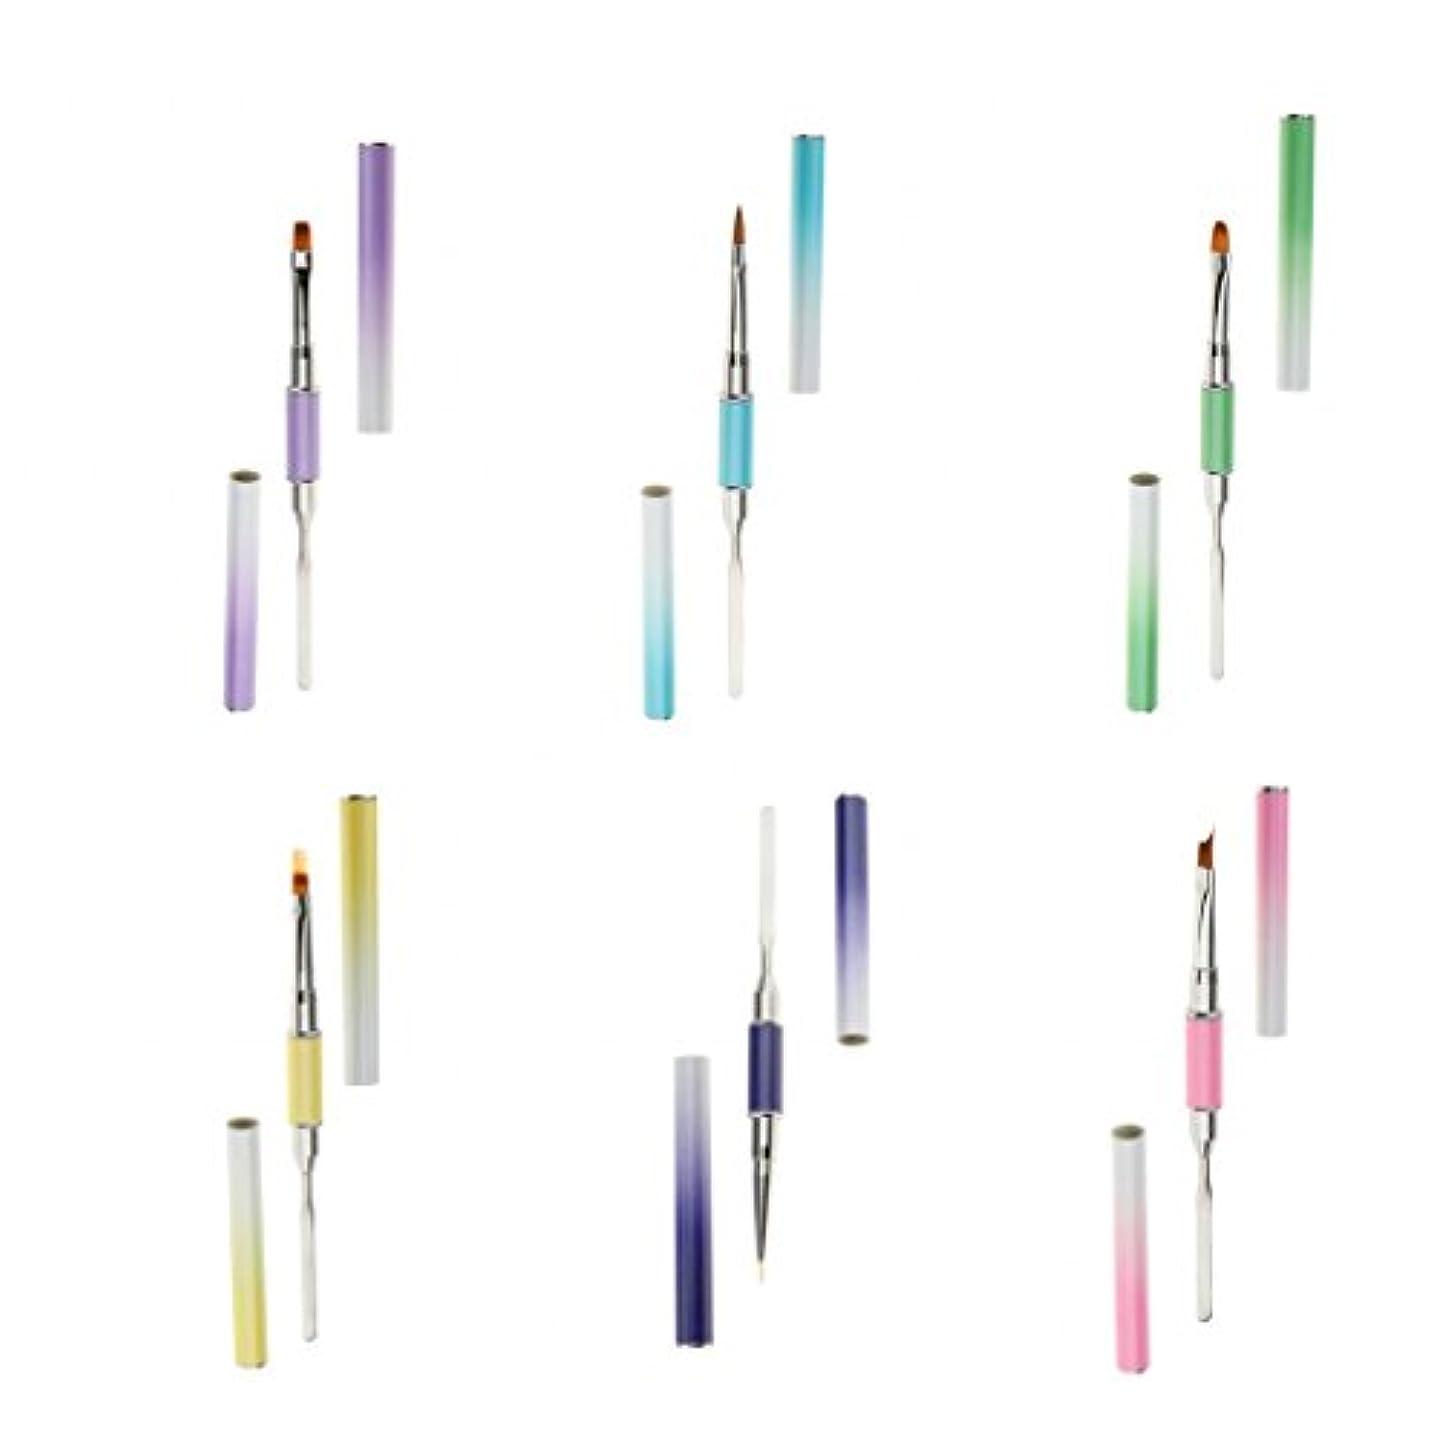 モスク三十存在Toygogo 6サイズのネイルアート装飾デュアルヘッドペン、ネイルUVジェルライナー描画ペイントブラシ、マニキュアポリッシュツール